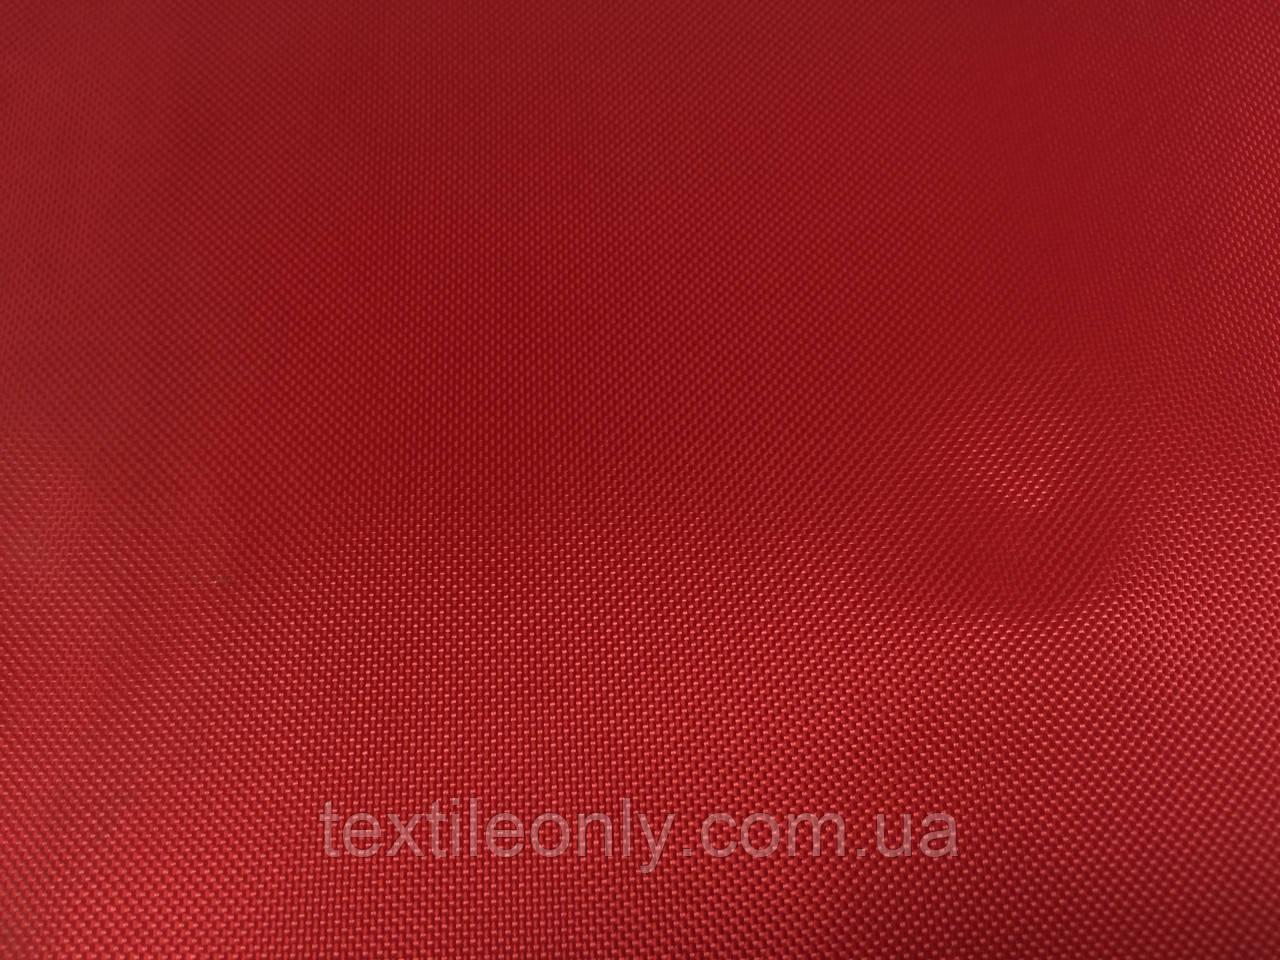 Тканина Сумочная 420 Д колір червоний